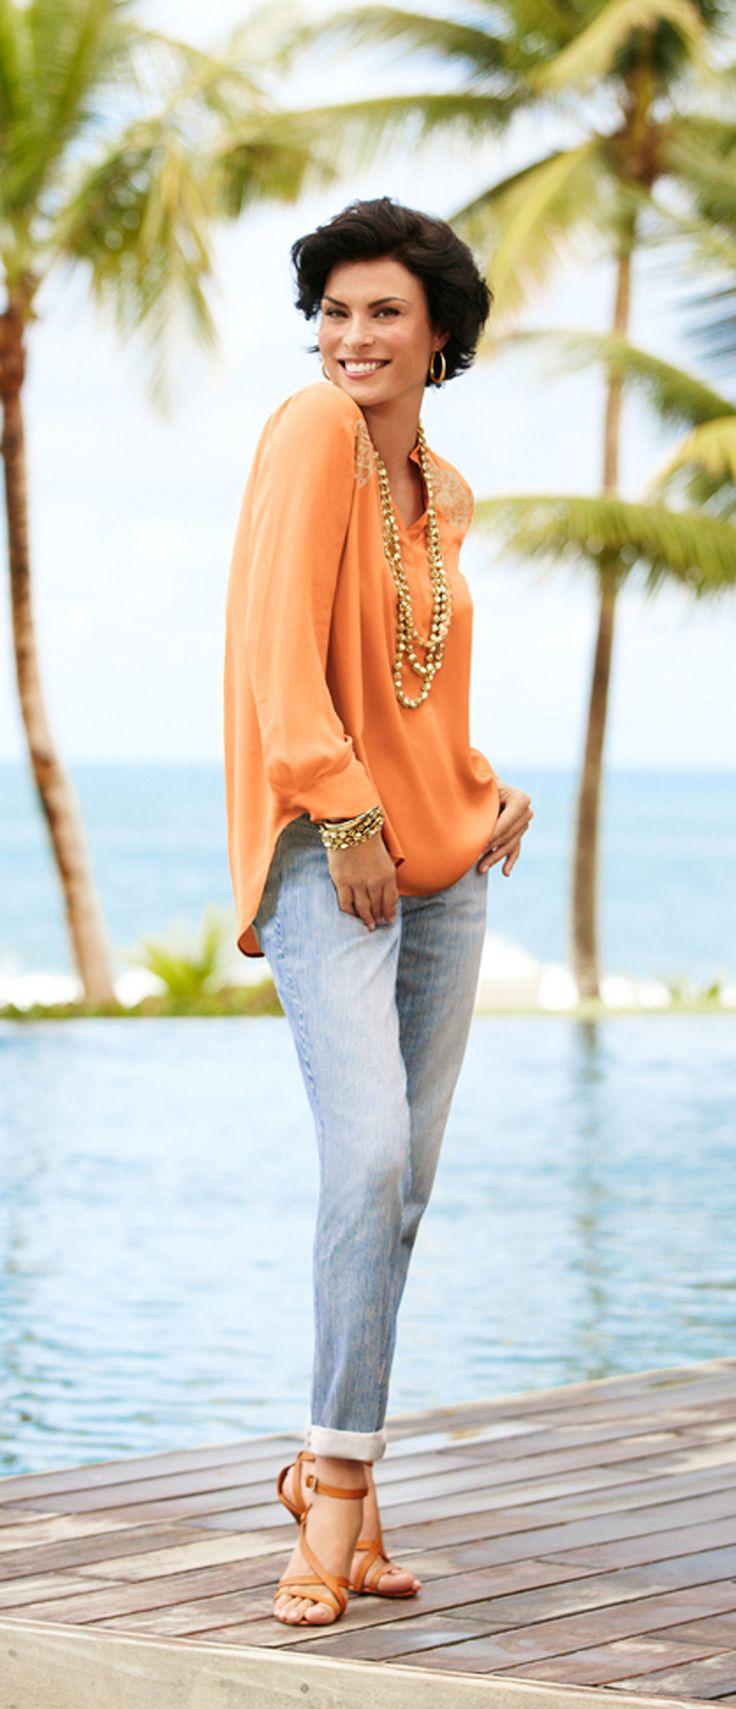 Boyfriend Jeans and feminine top. So pretty!   #chicos